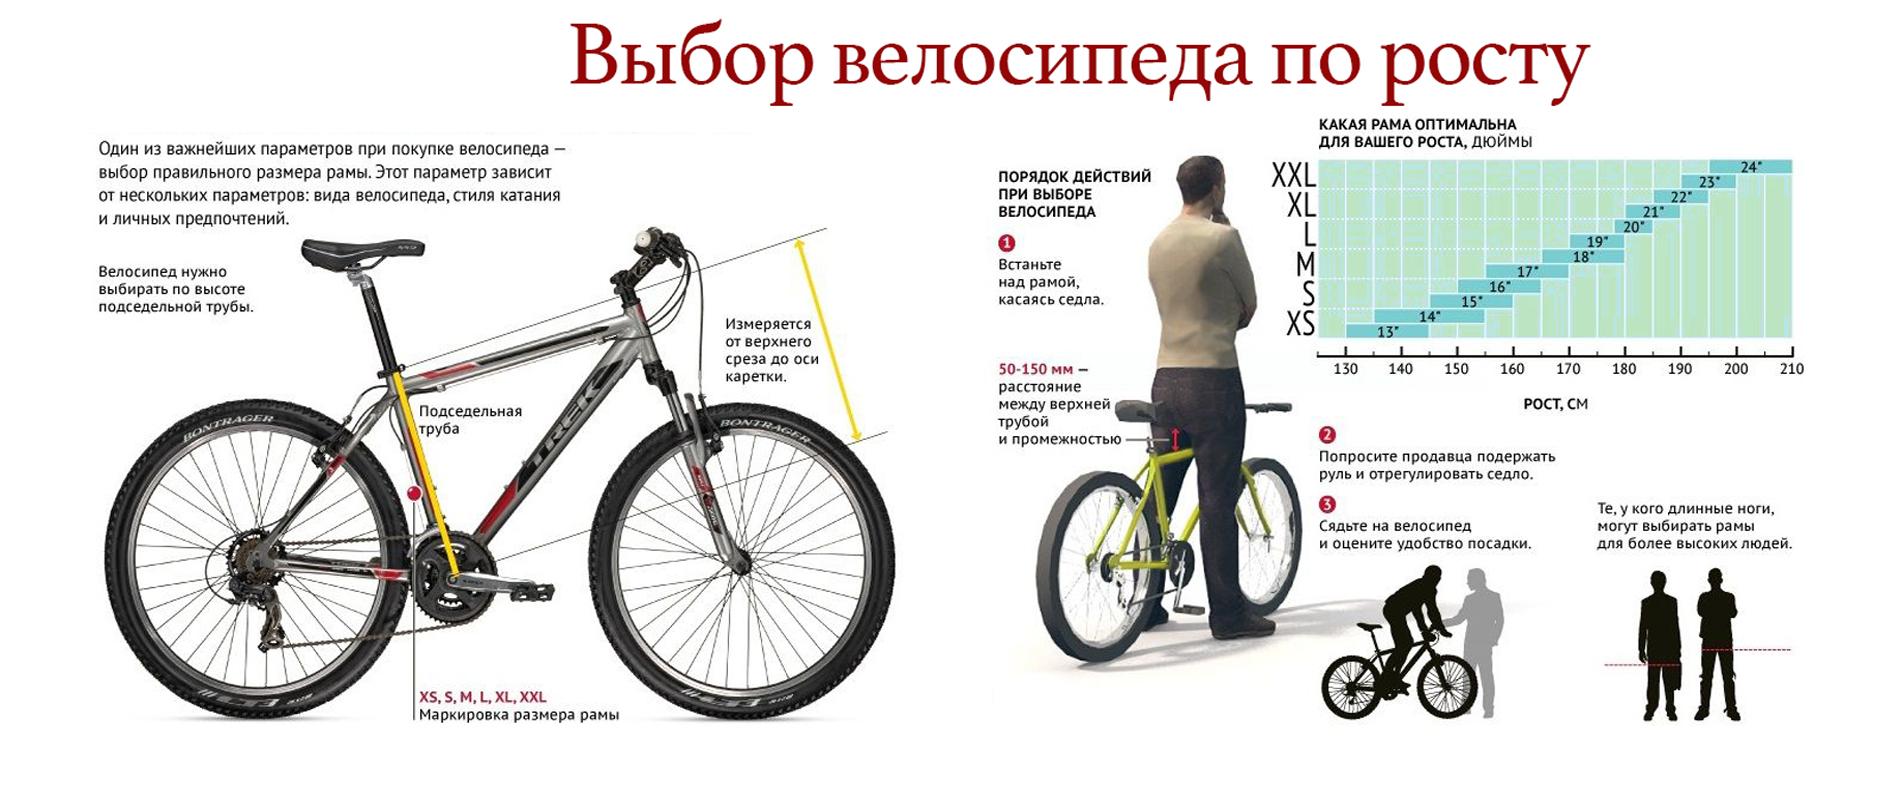 Велосипедные покрышки: размеры, типы маркировки и взаимозаменяемость. размер колес велосипеда и их особенности.